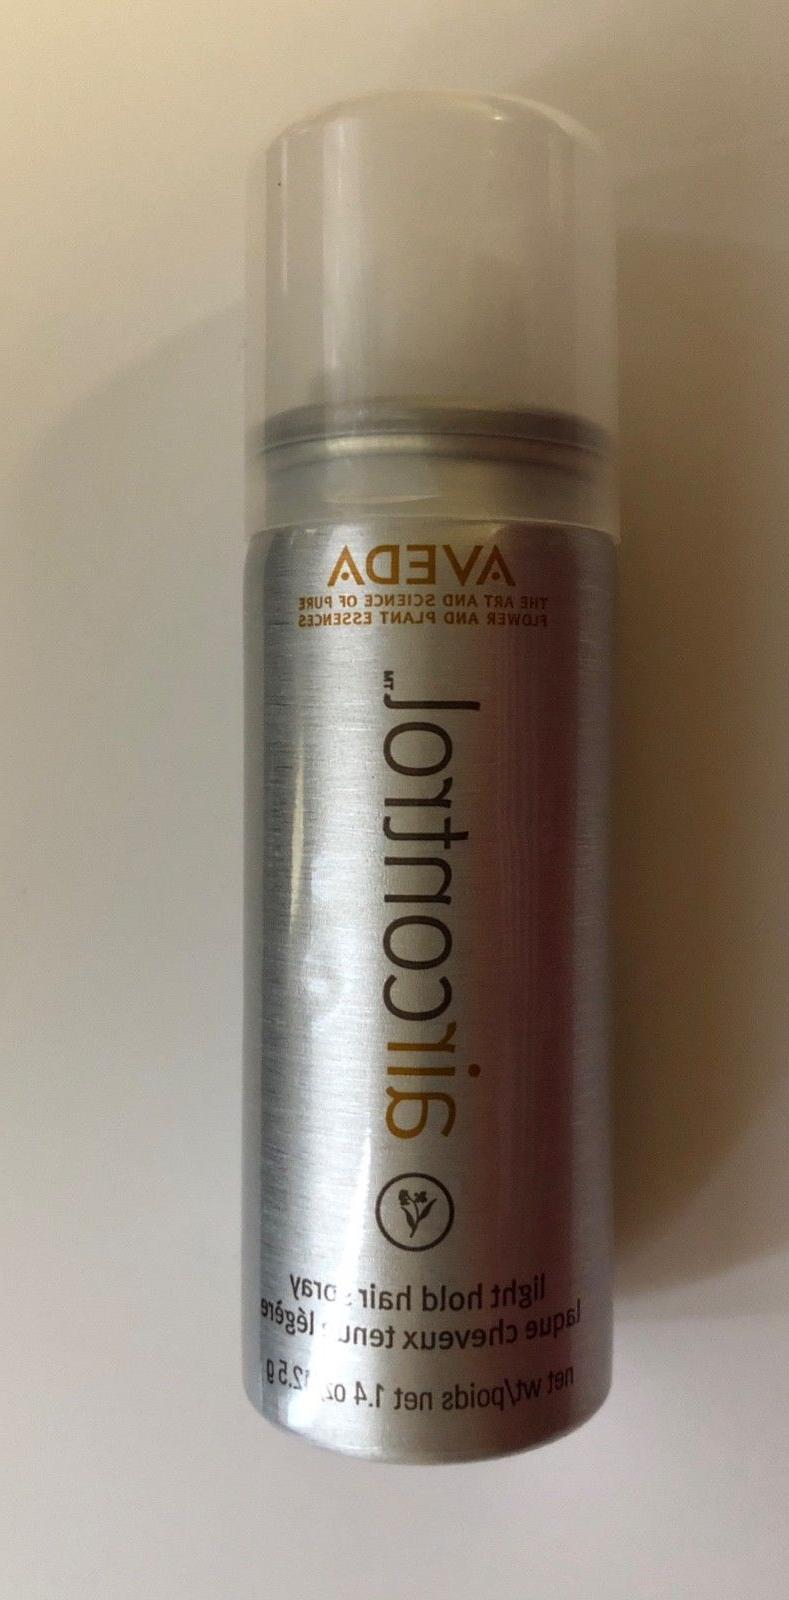 air control hair spray travel size